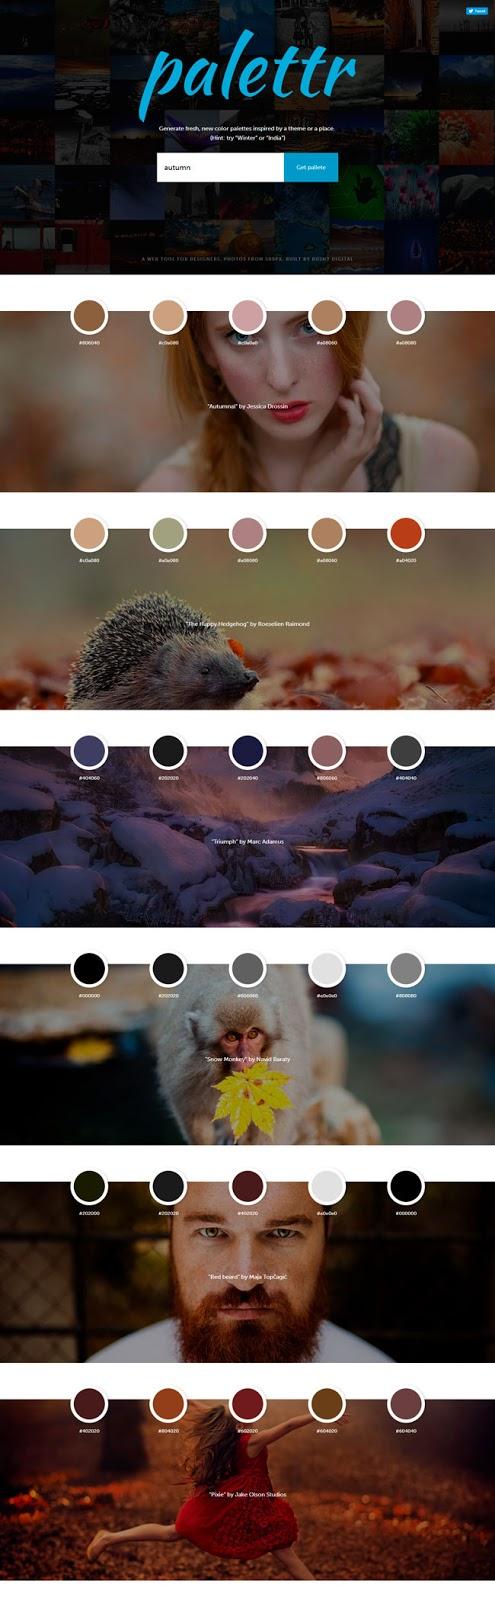 palettr_sitio